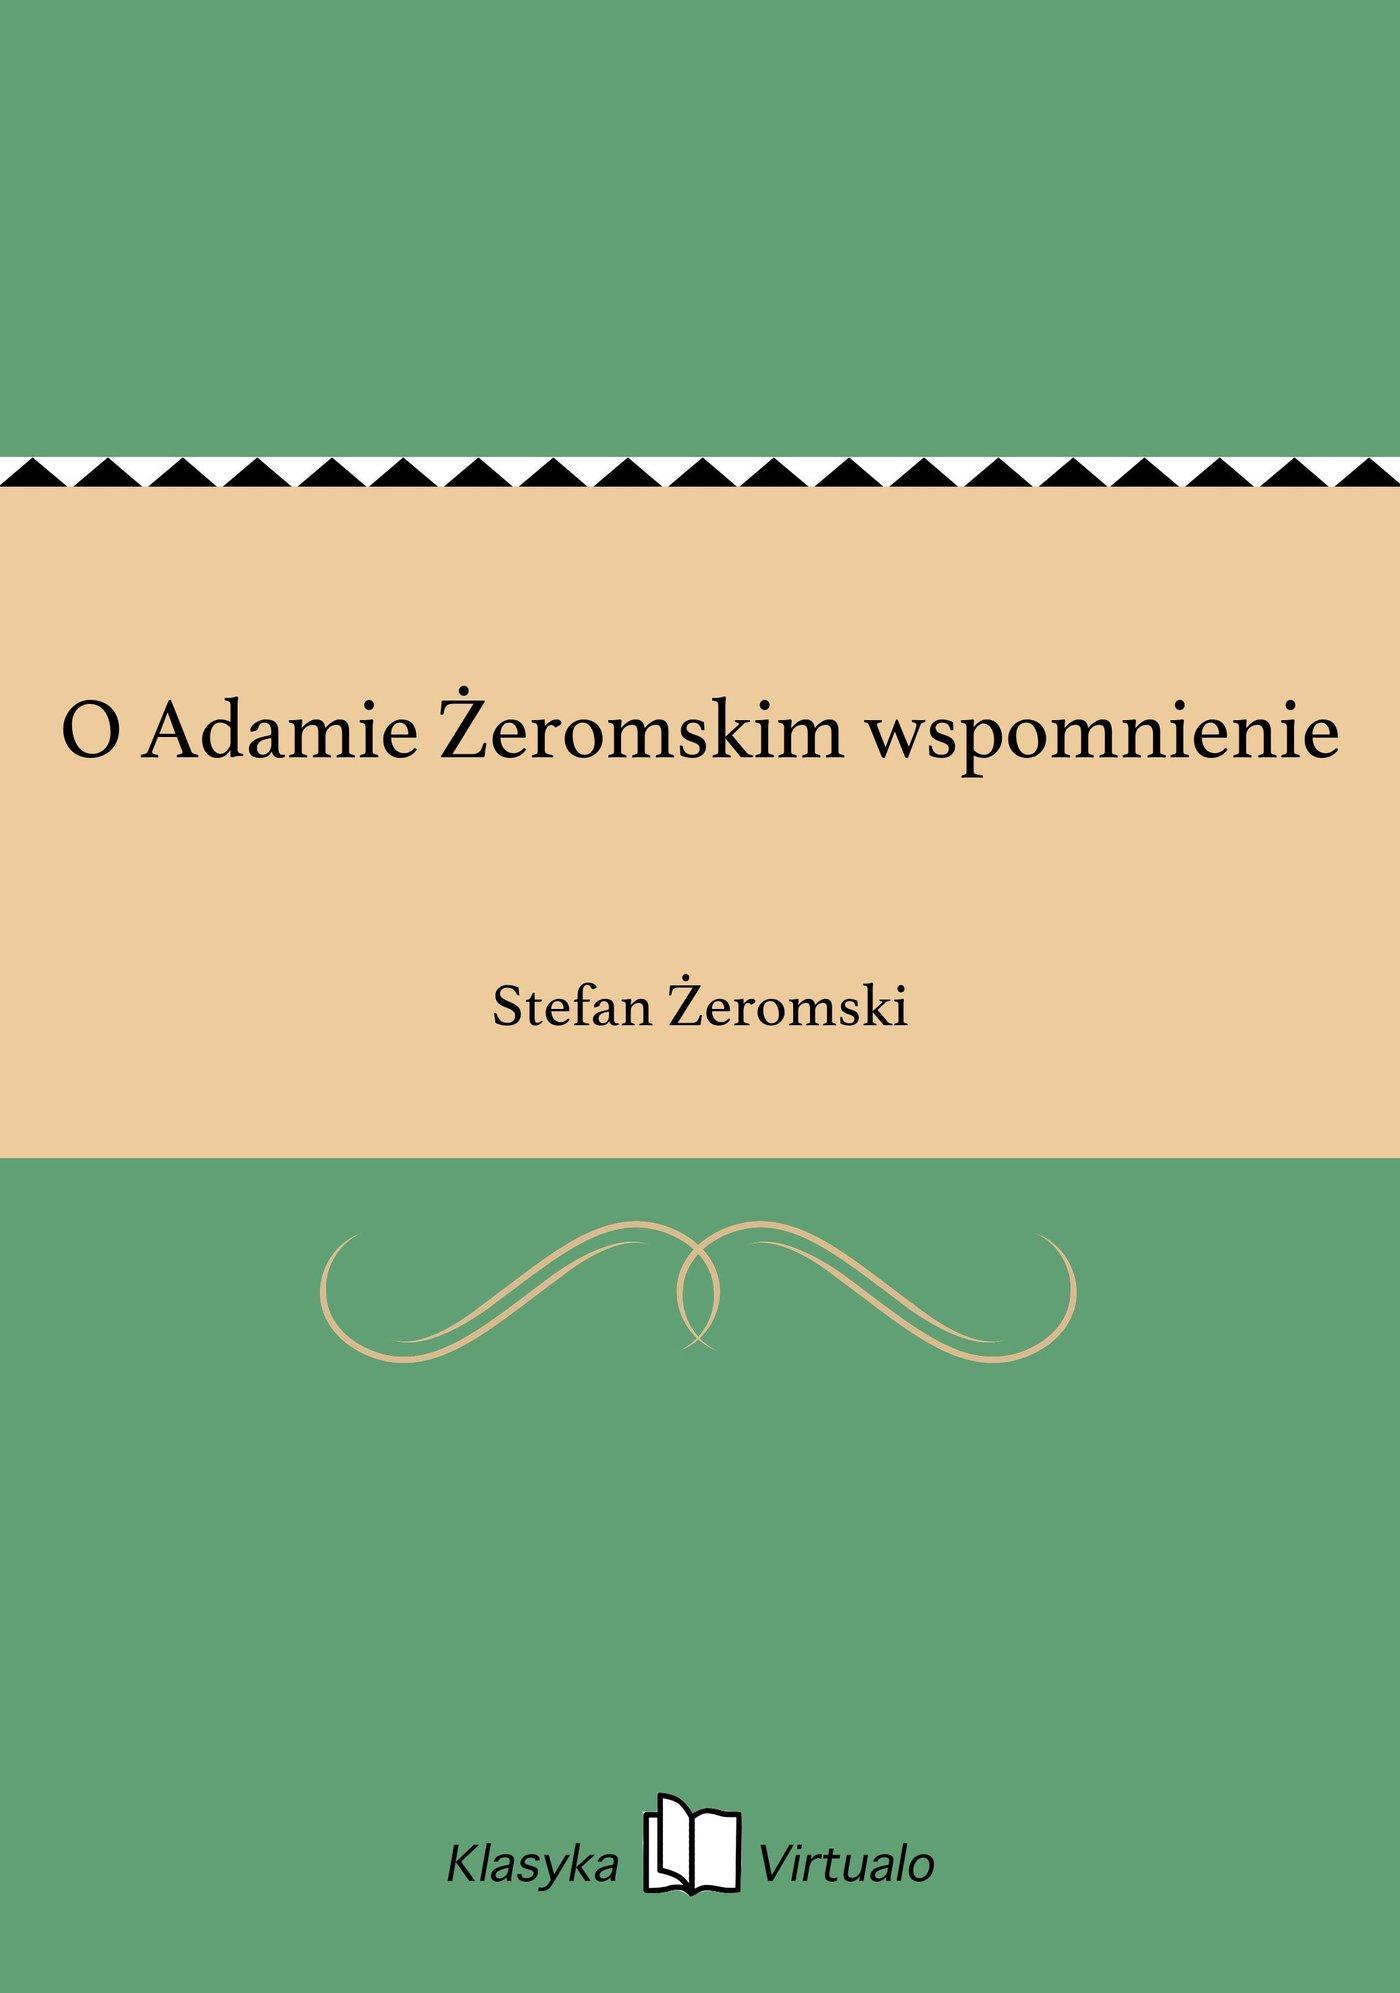 O Adamie Żeromskim wspomnienie - Ebook (Książka EPUB) do pobrania w formacie EPUB